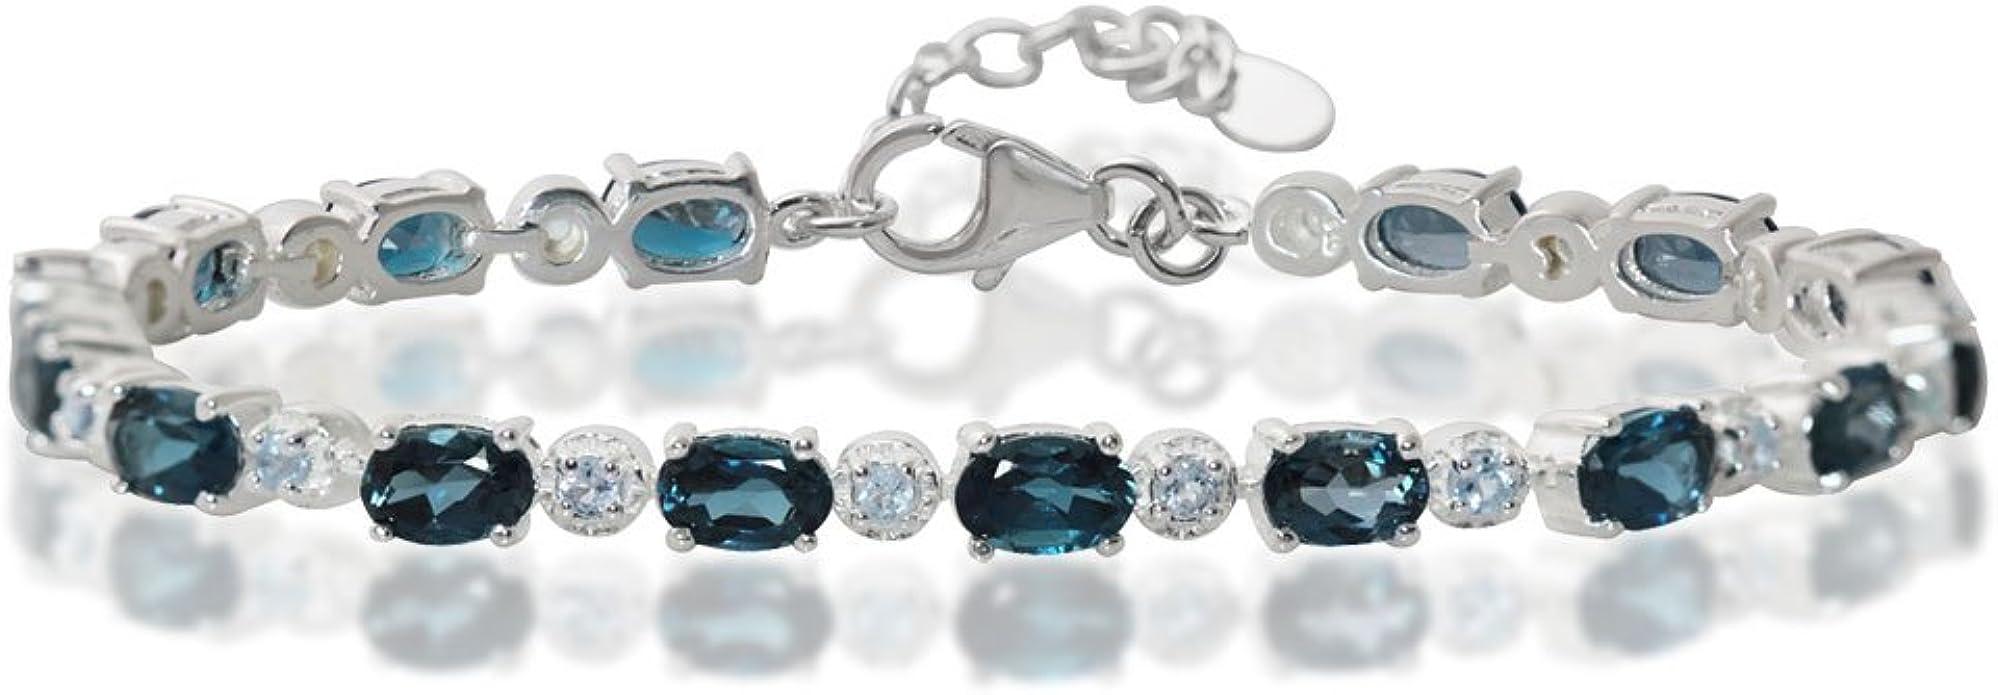 Oval-cut 7x5mm Blue Topaz Adjustable Tennis Bracelet in Sterling Silver